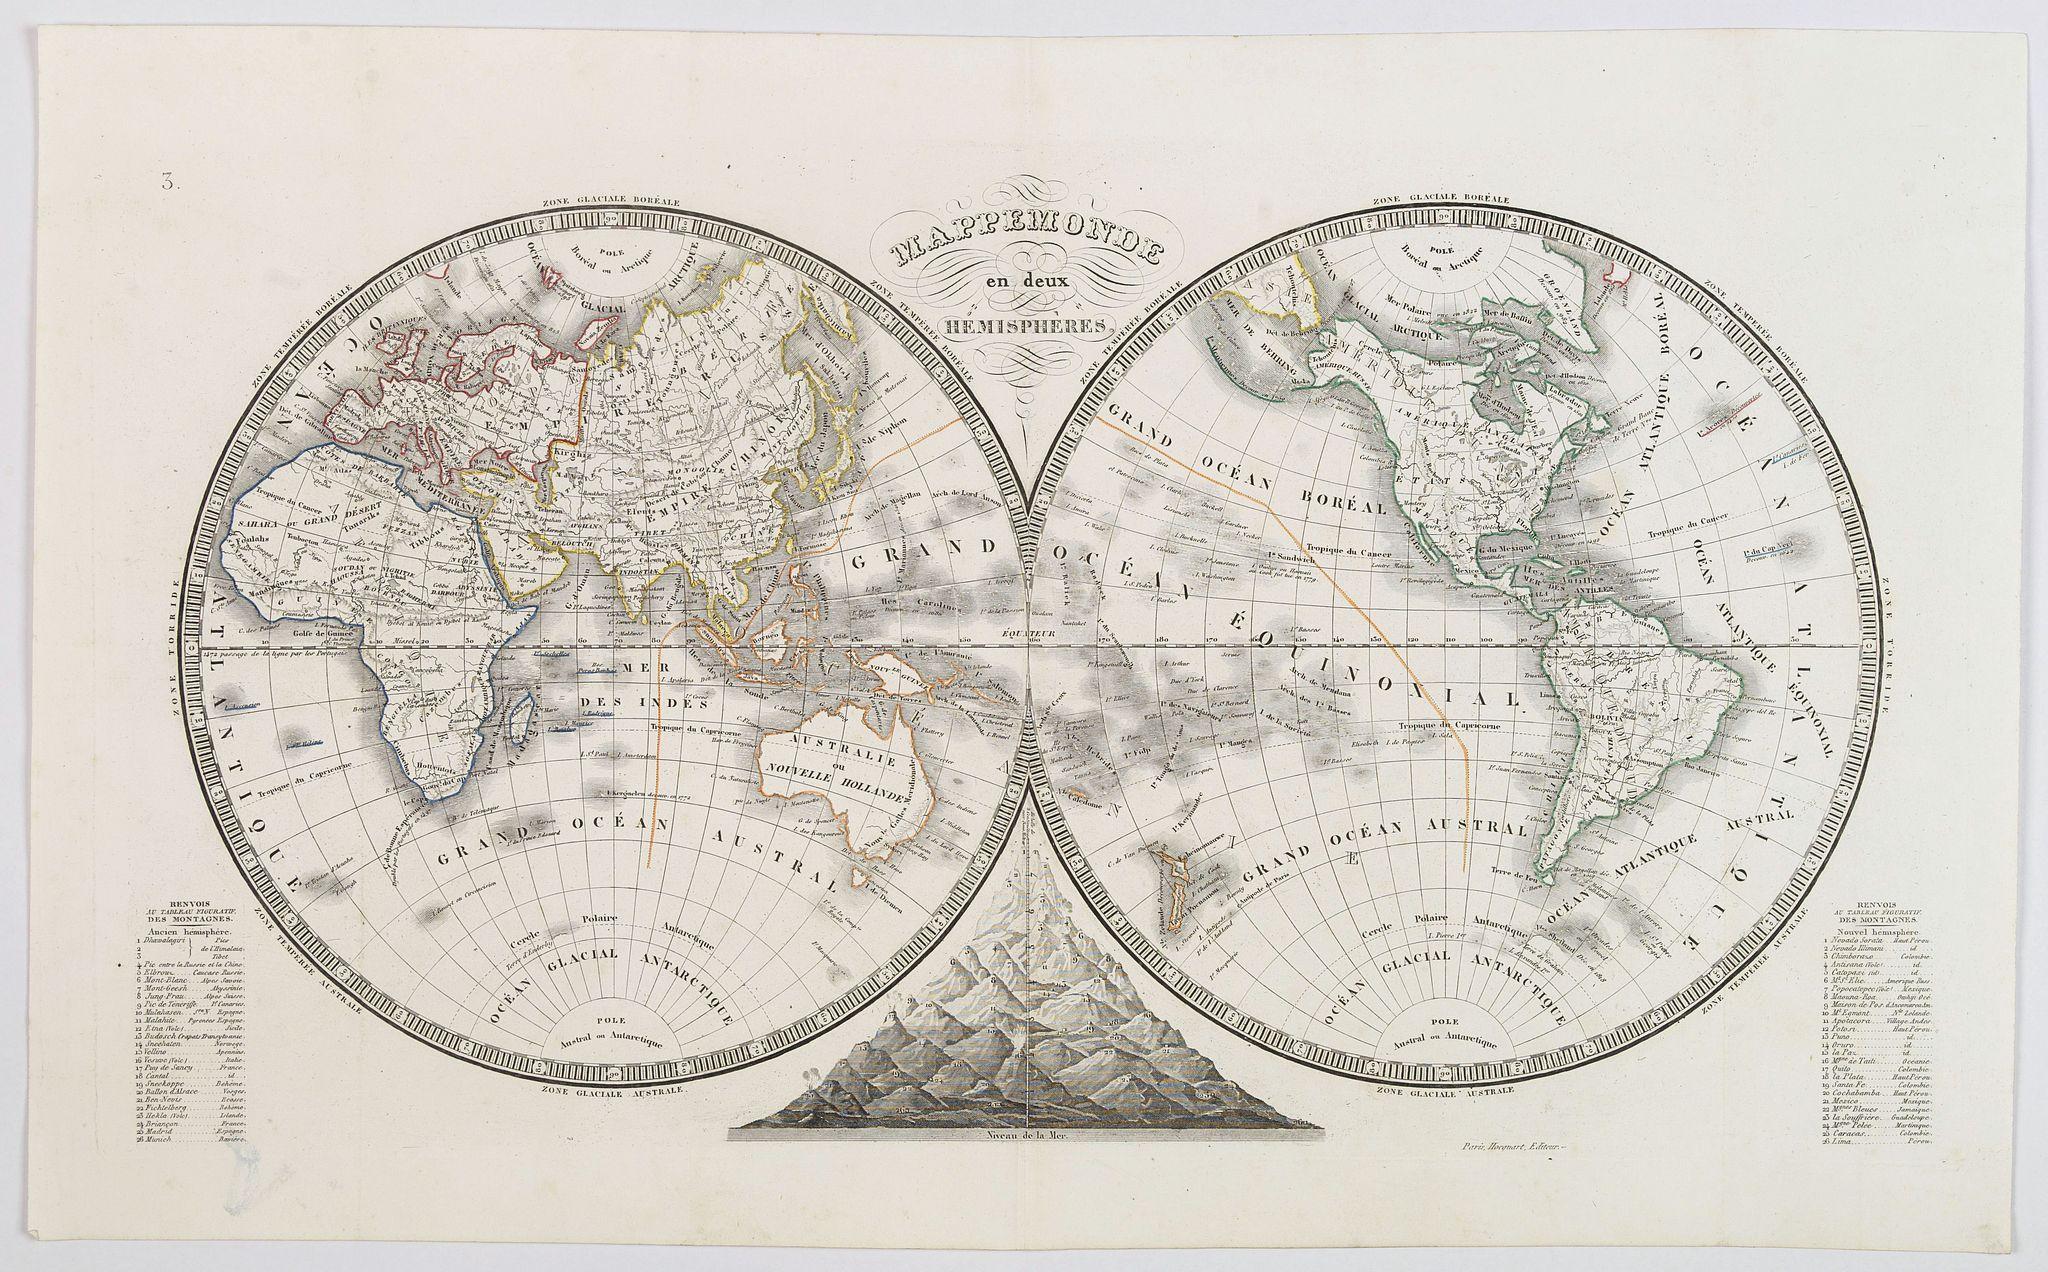 MONIN, Charles. - Mappemonde en deux Hemispheres.